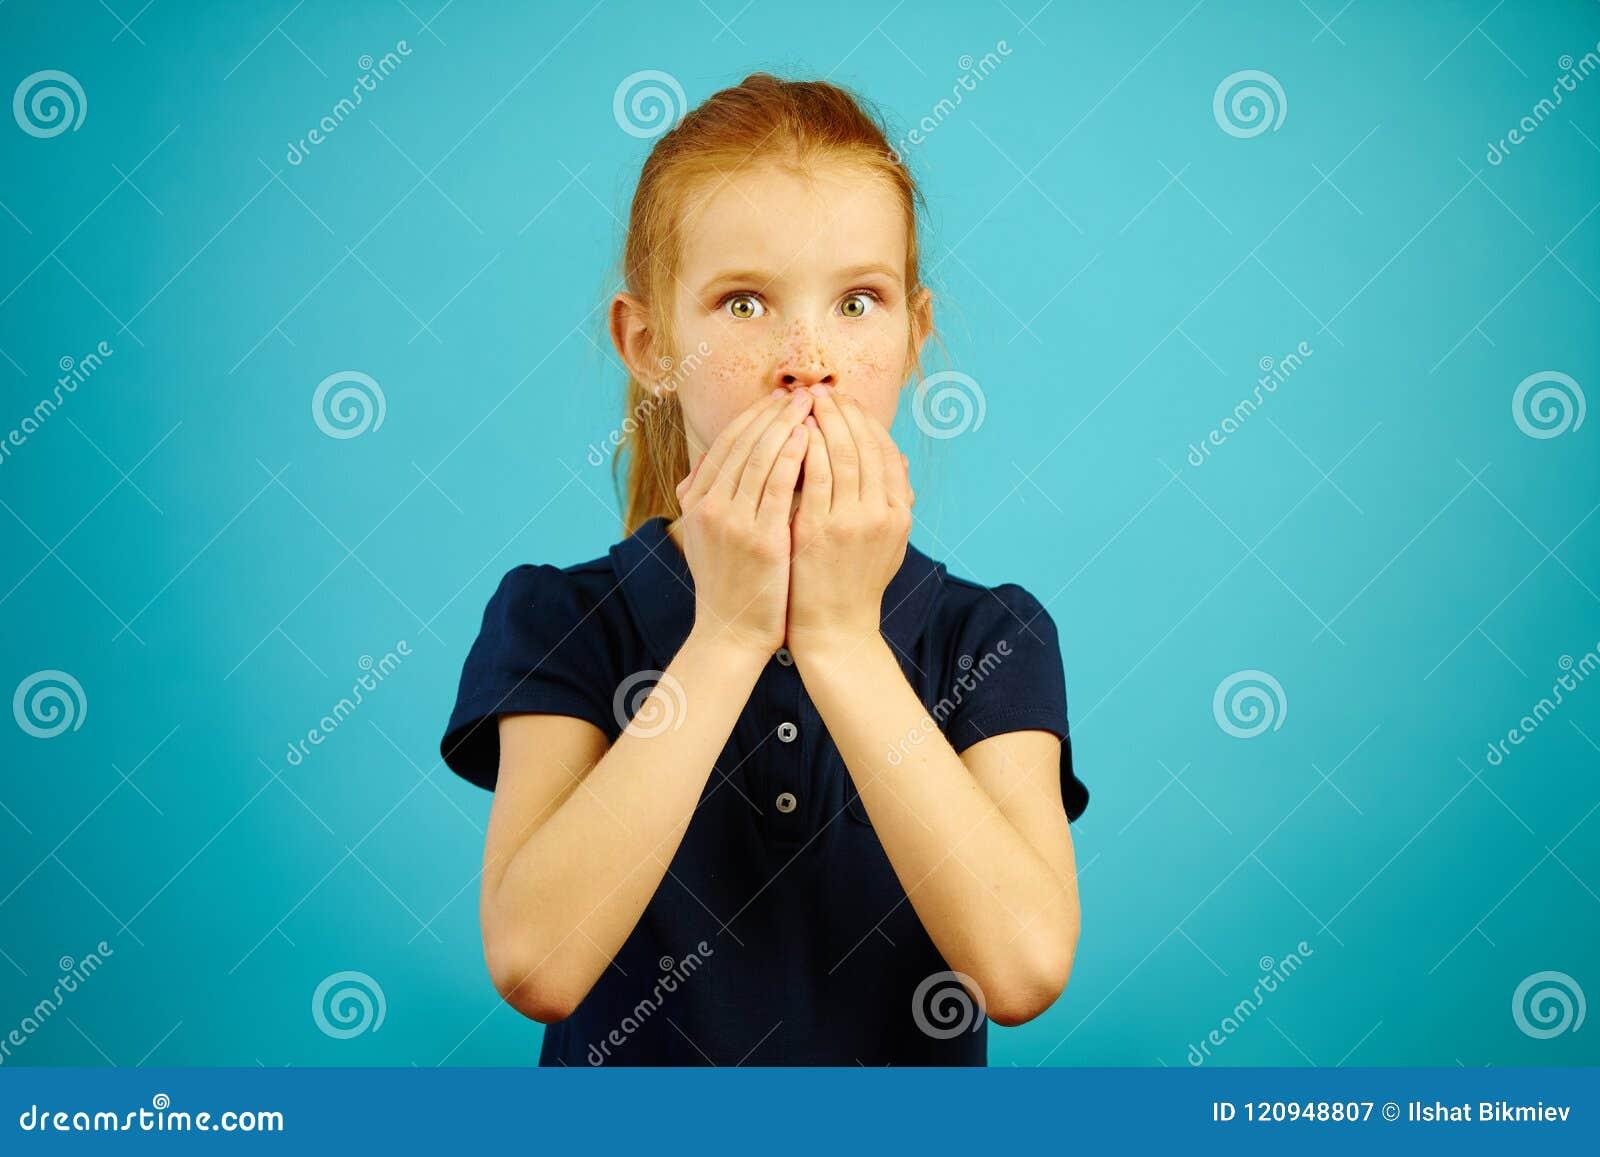 Το κοκκινομάλλες κορίτσι με τα μεγάλα μάτια του φόβου κάλυψε το στόμα με τα χέρια στο μπλε κλίμα